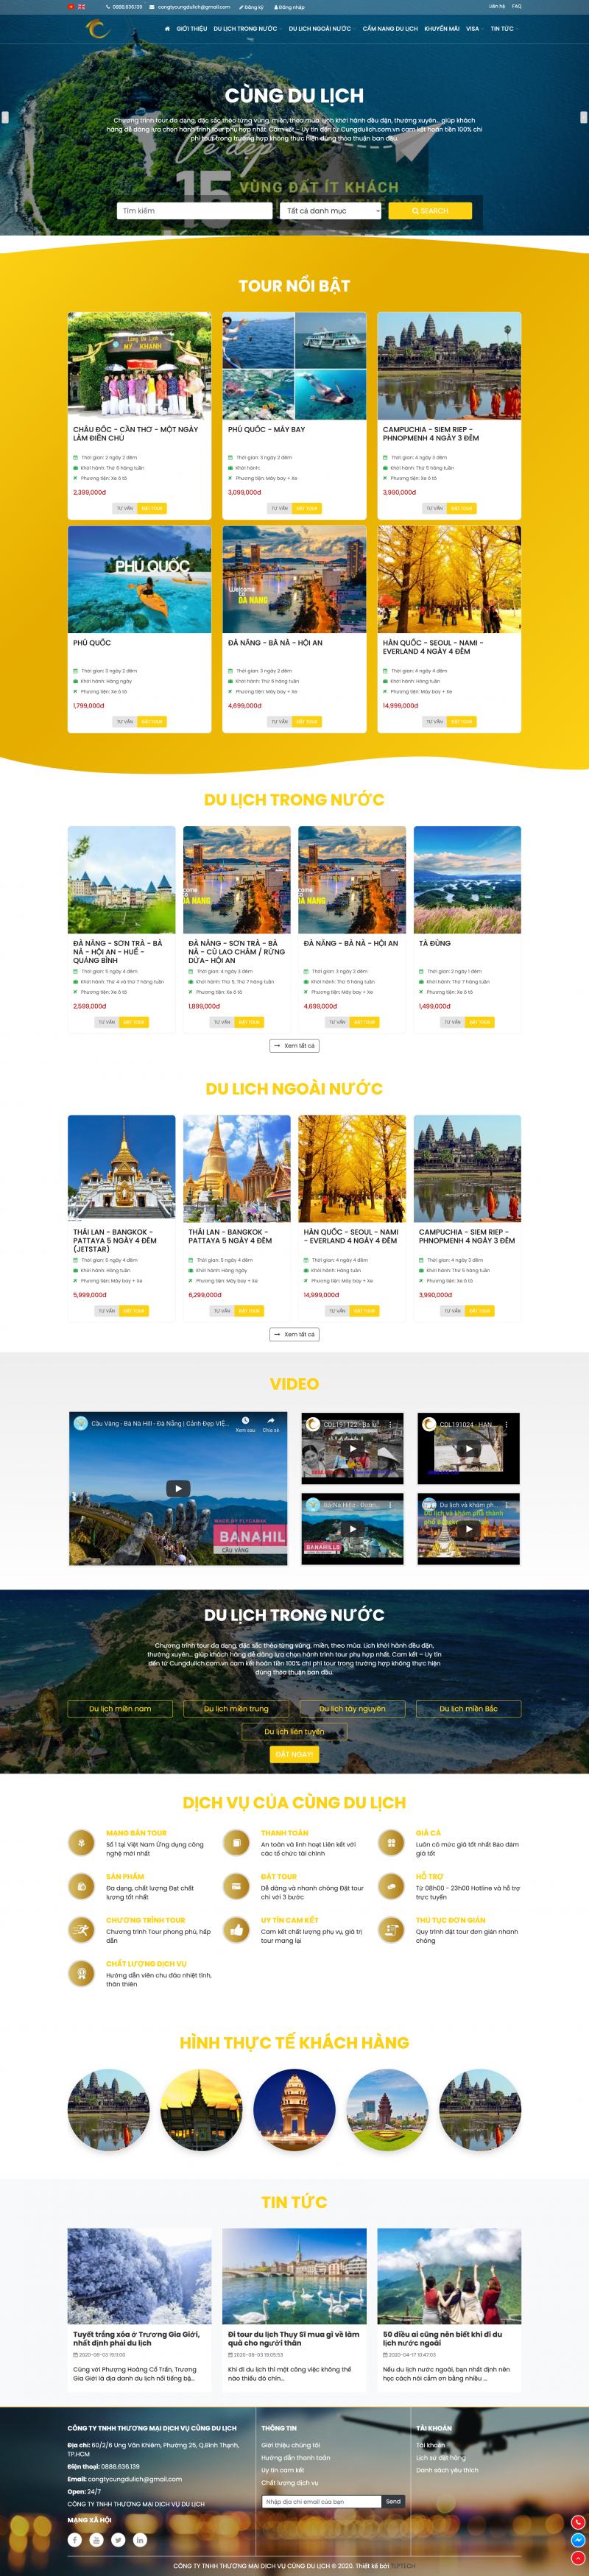 Thiết kế web du lịch - Cùng Du Lịch